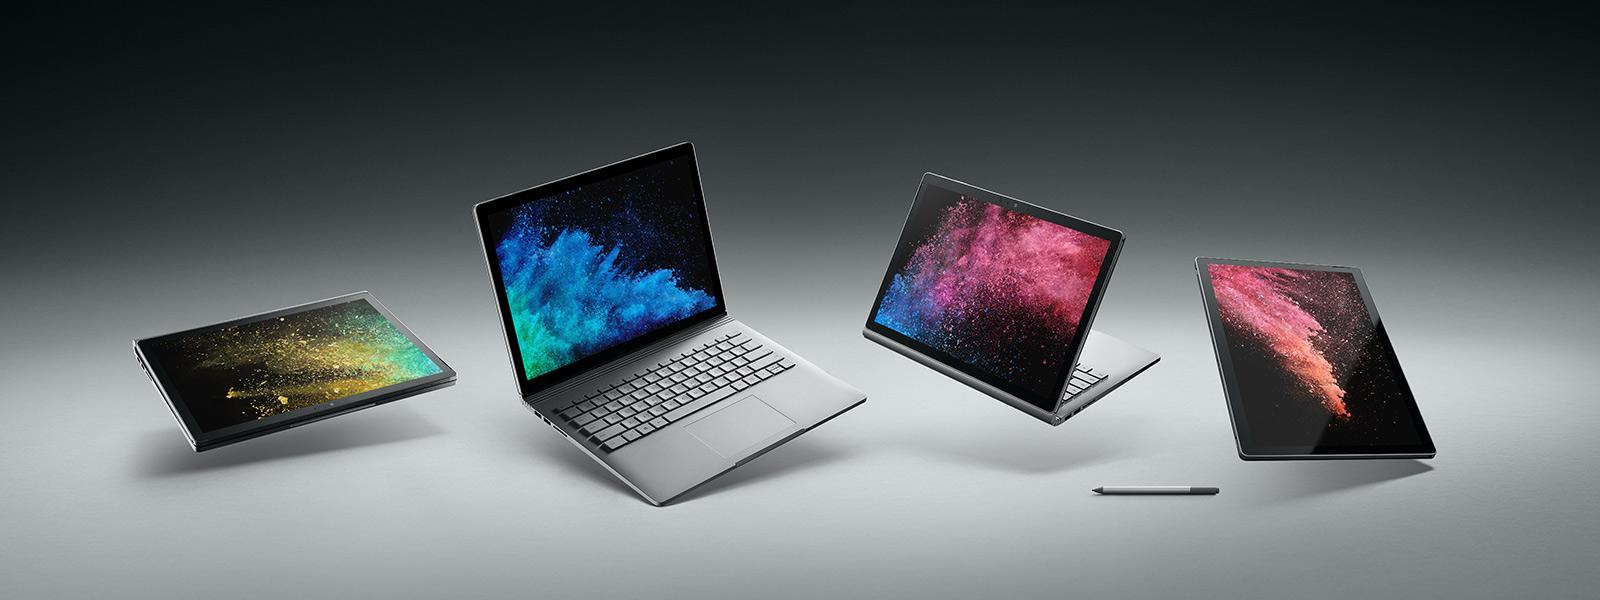 جهاز Surface Book 2 معروض بأوضاع مختلفة مع قلم Surface Pen.